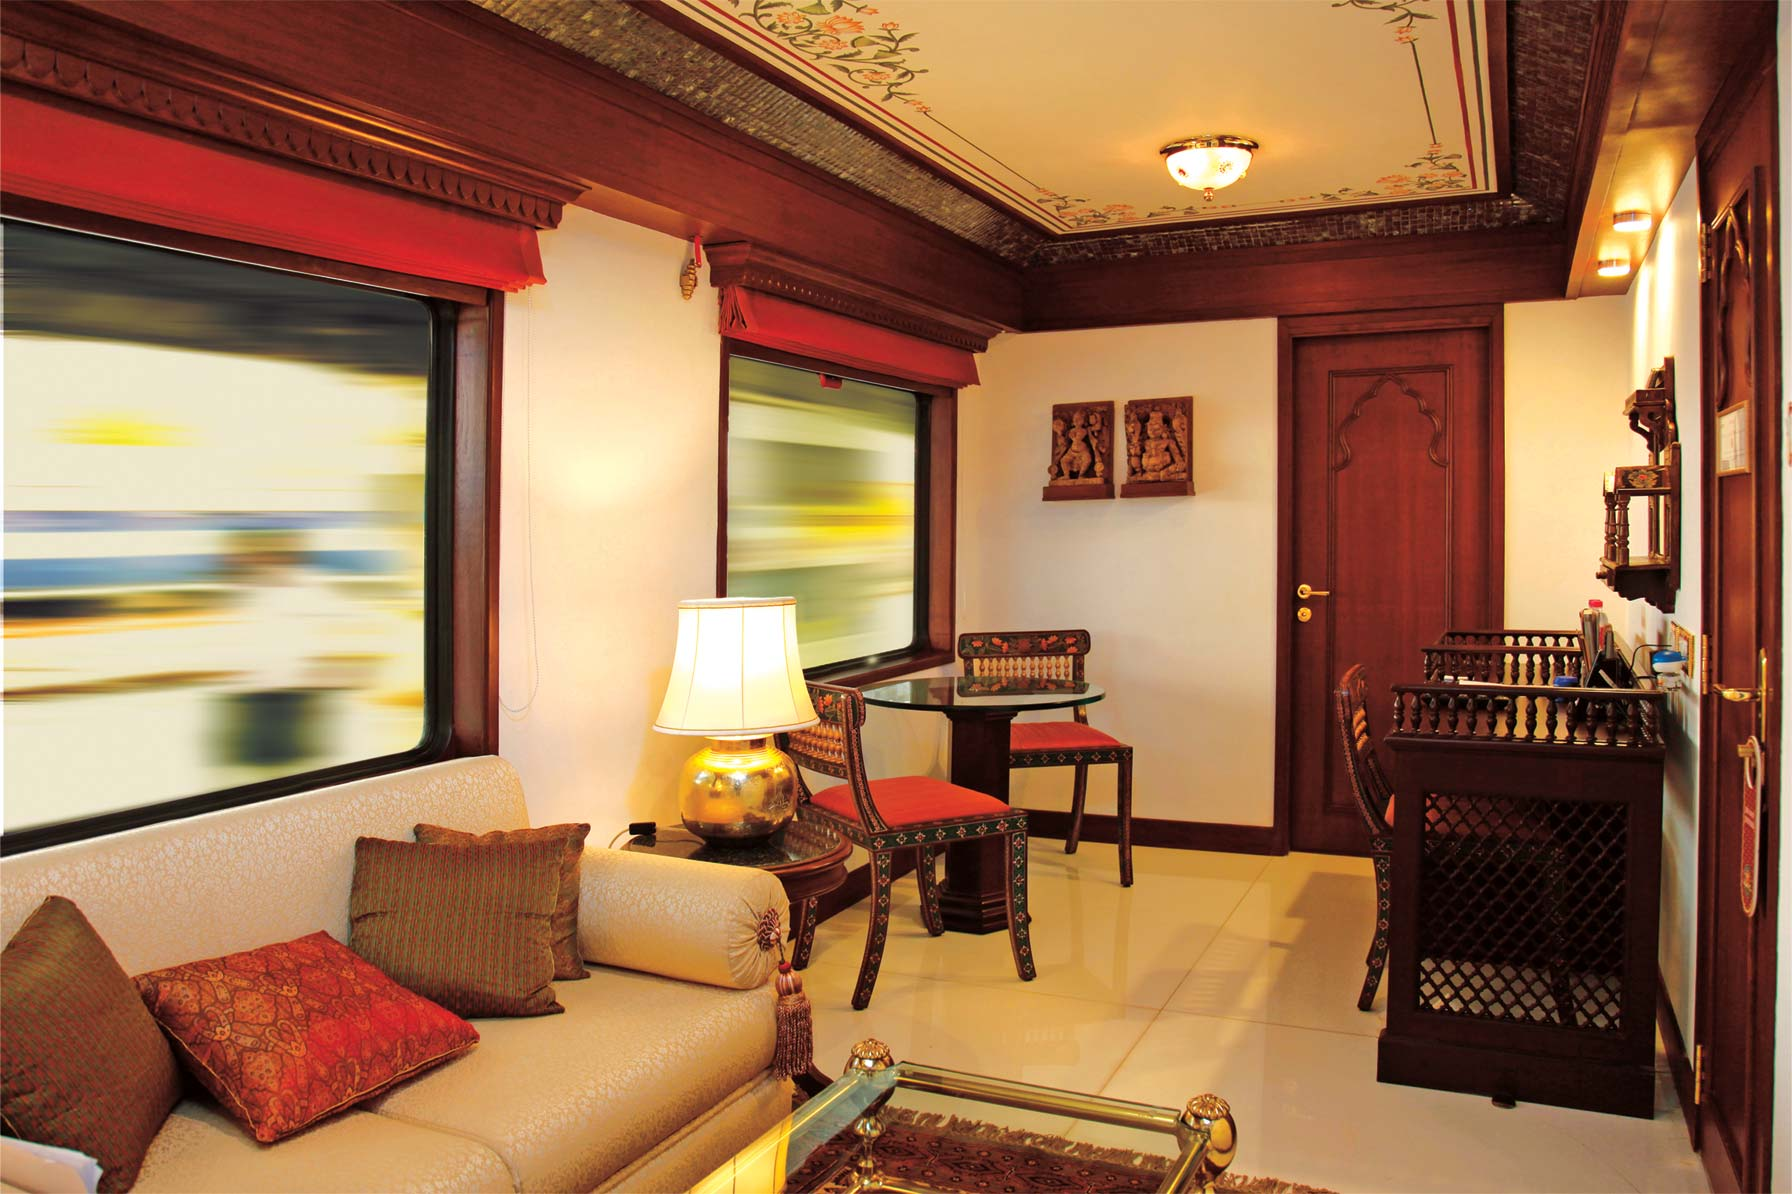 Самый роскошный и дорогой поезд в Азии. Является копией королевского дворца Индии.  Поезд «Импера